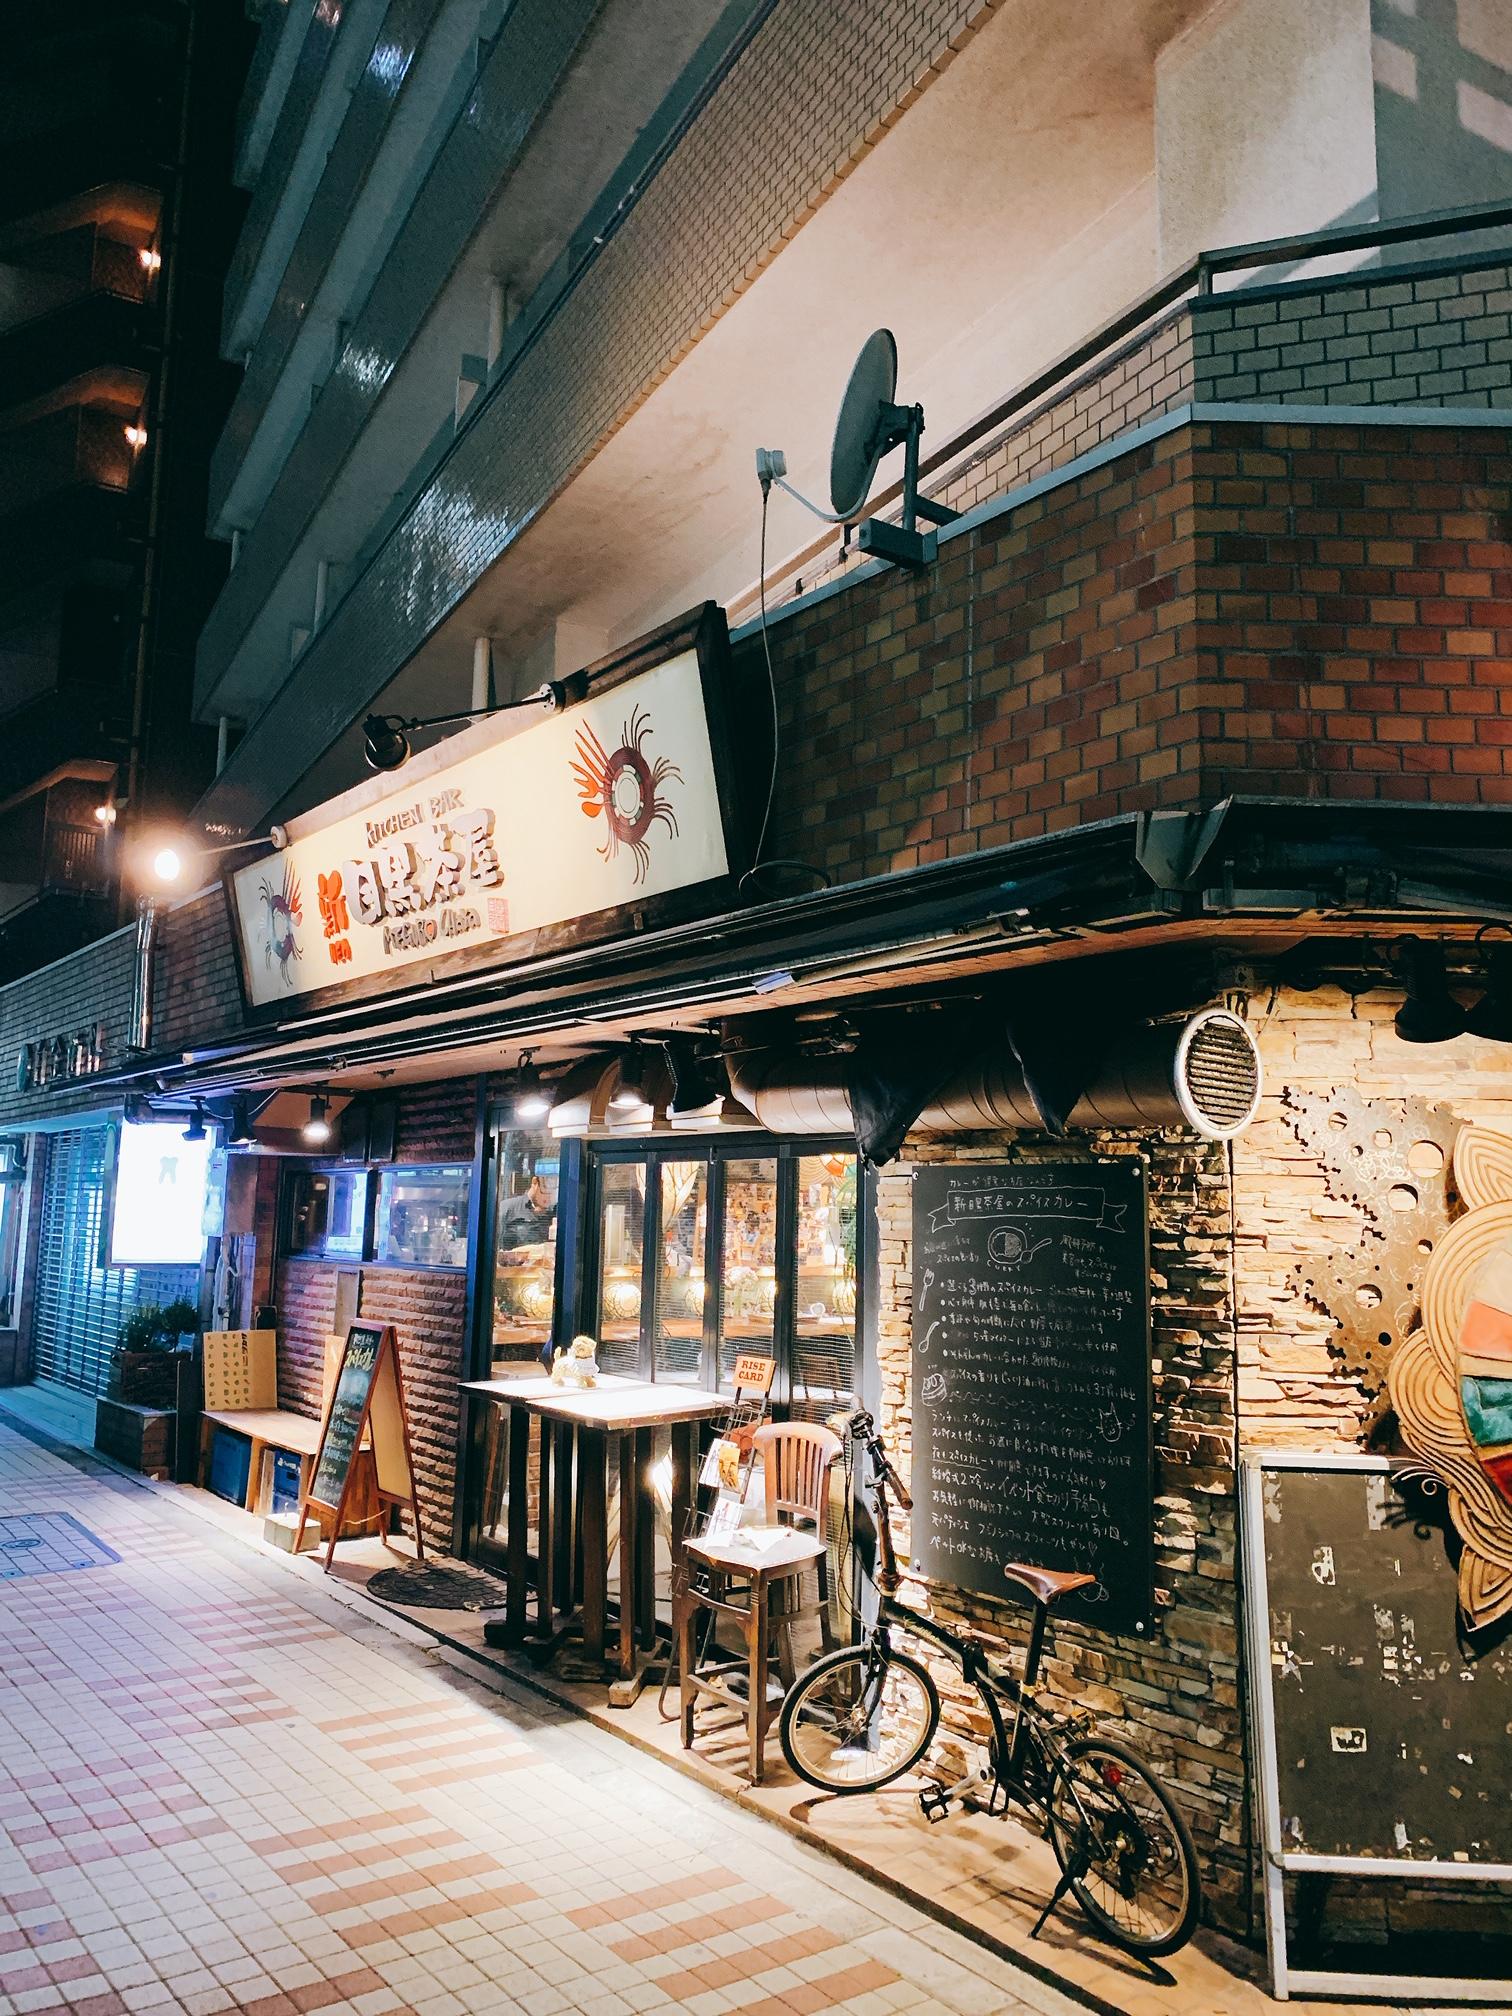 【目黒】新目黒茶屋/目黒というより上大崎。長時間営業で使い勝手と居心地良し。急の女子会も開けますよ。